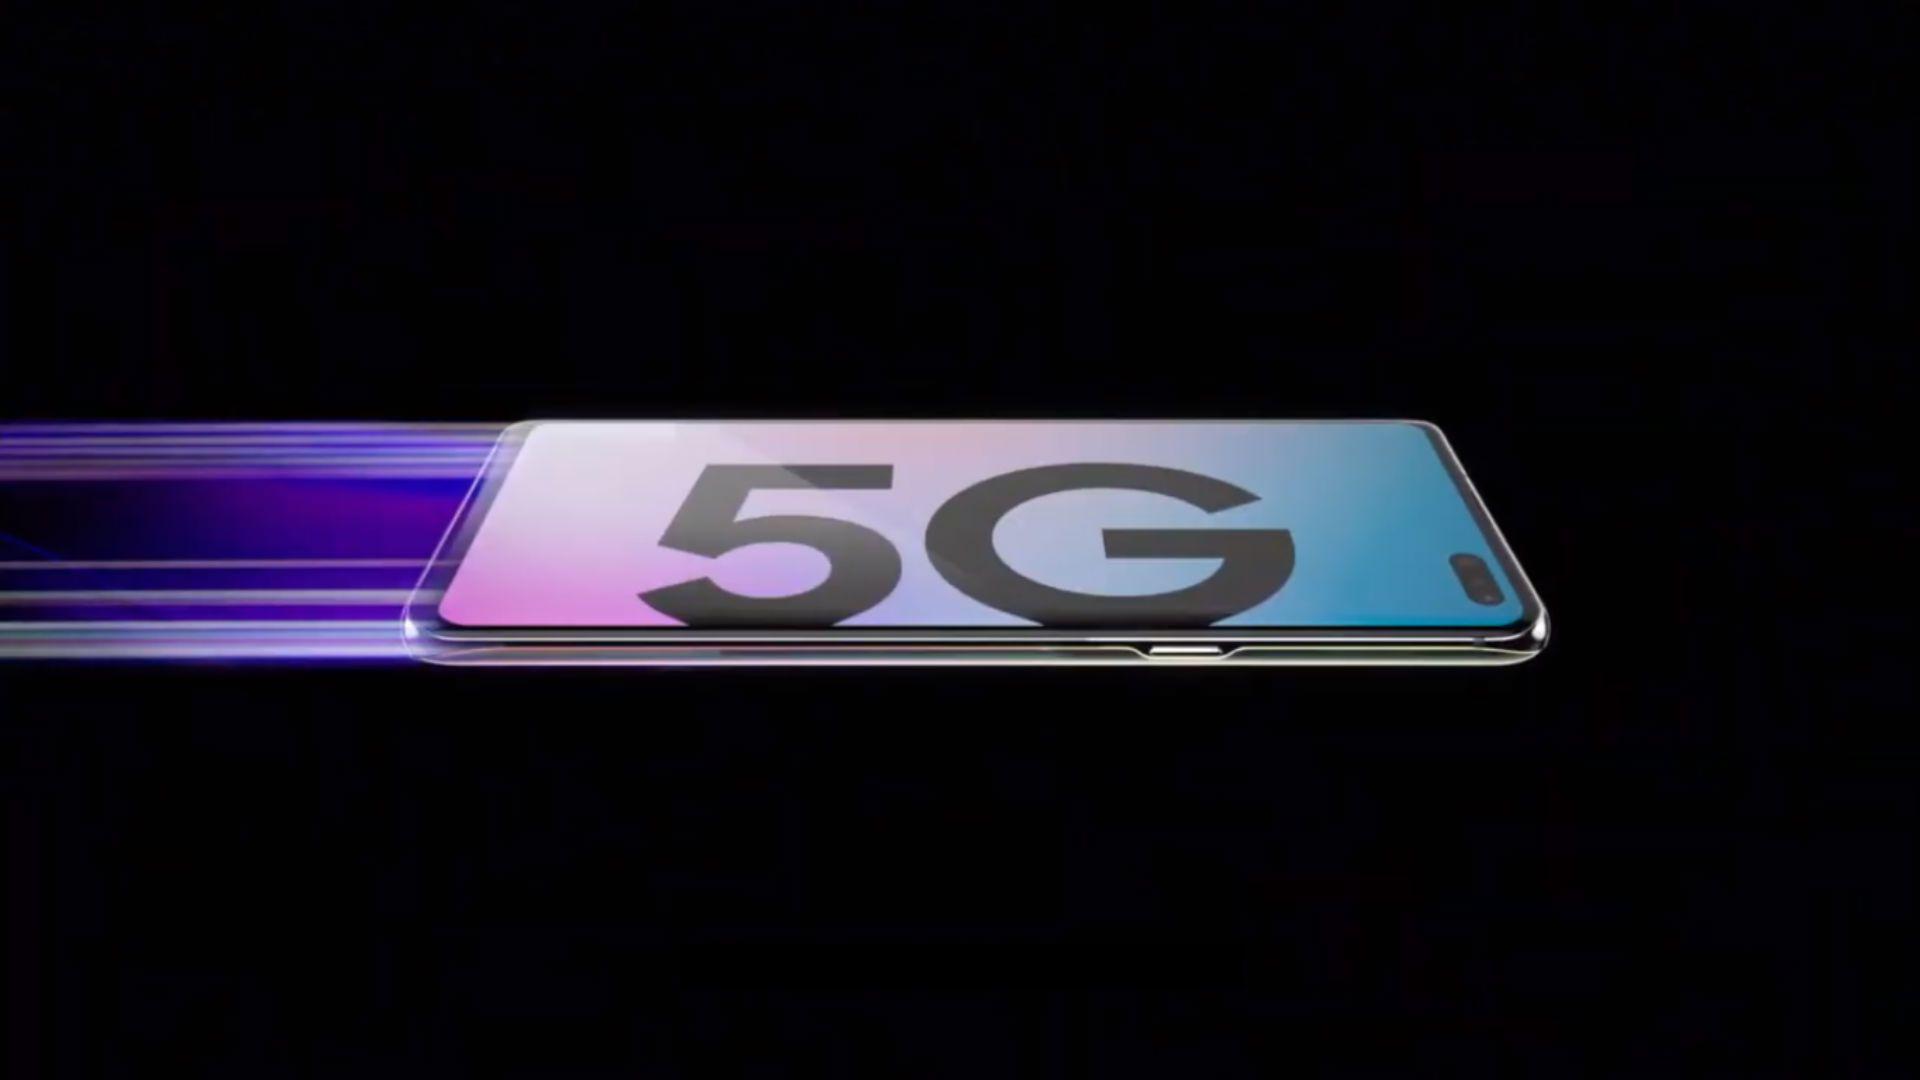 Para hacer uso del 5G se necesitan dispositivos compatibles con esta tecnología (Foto: Verizon)